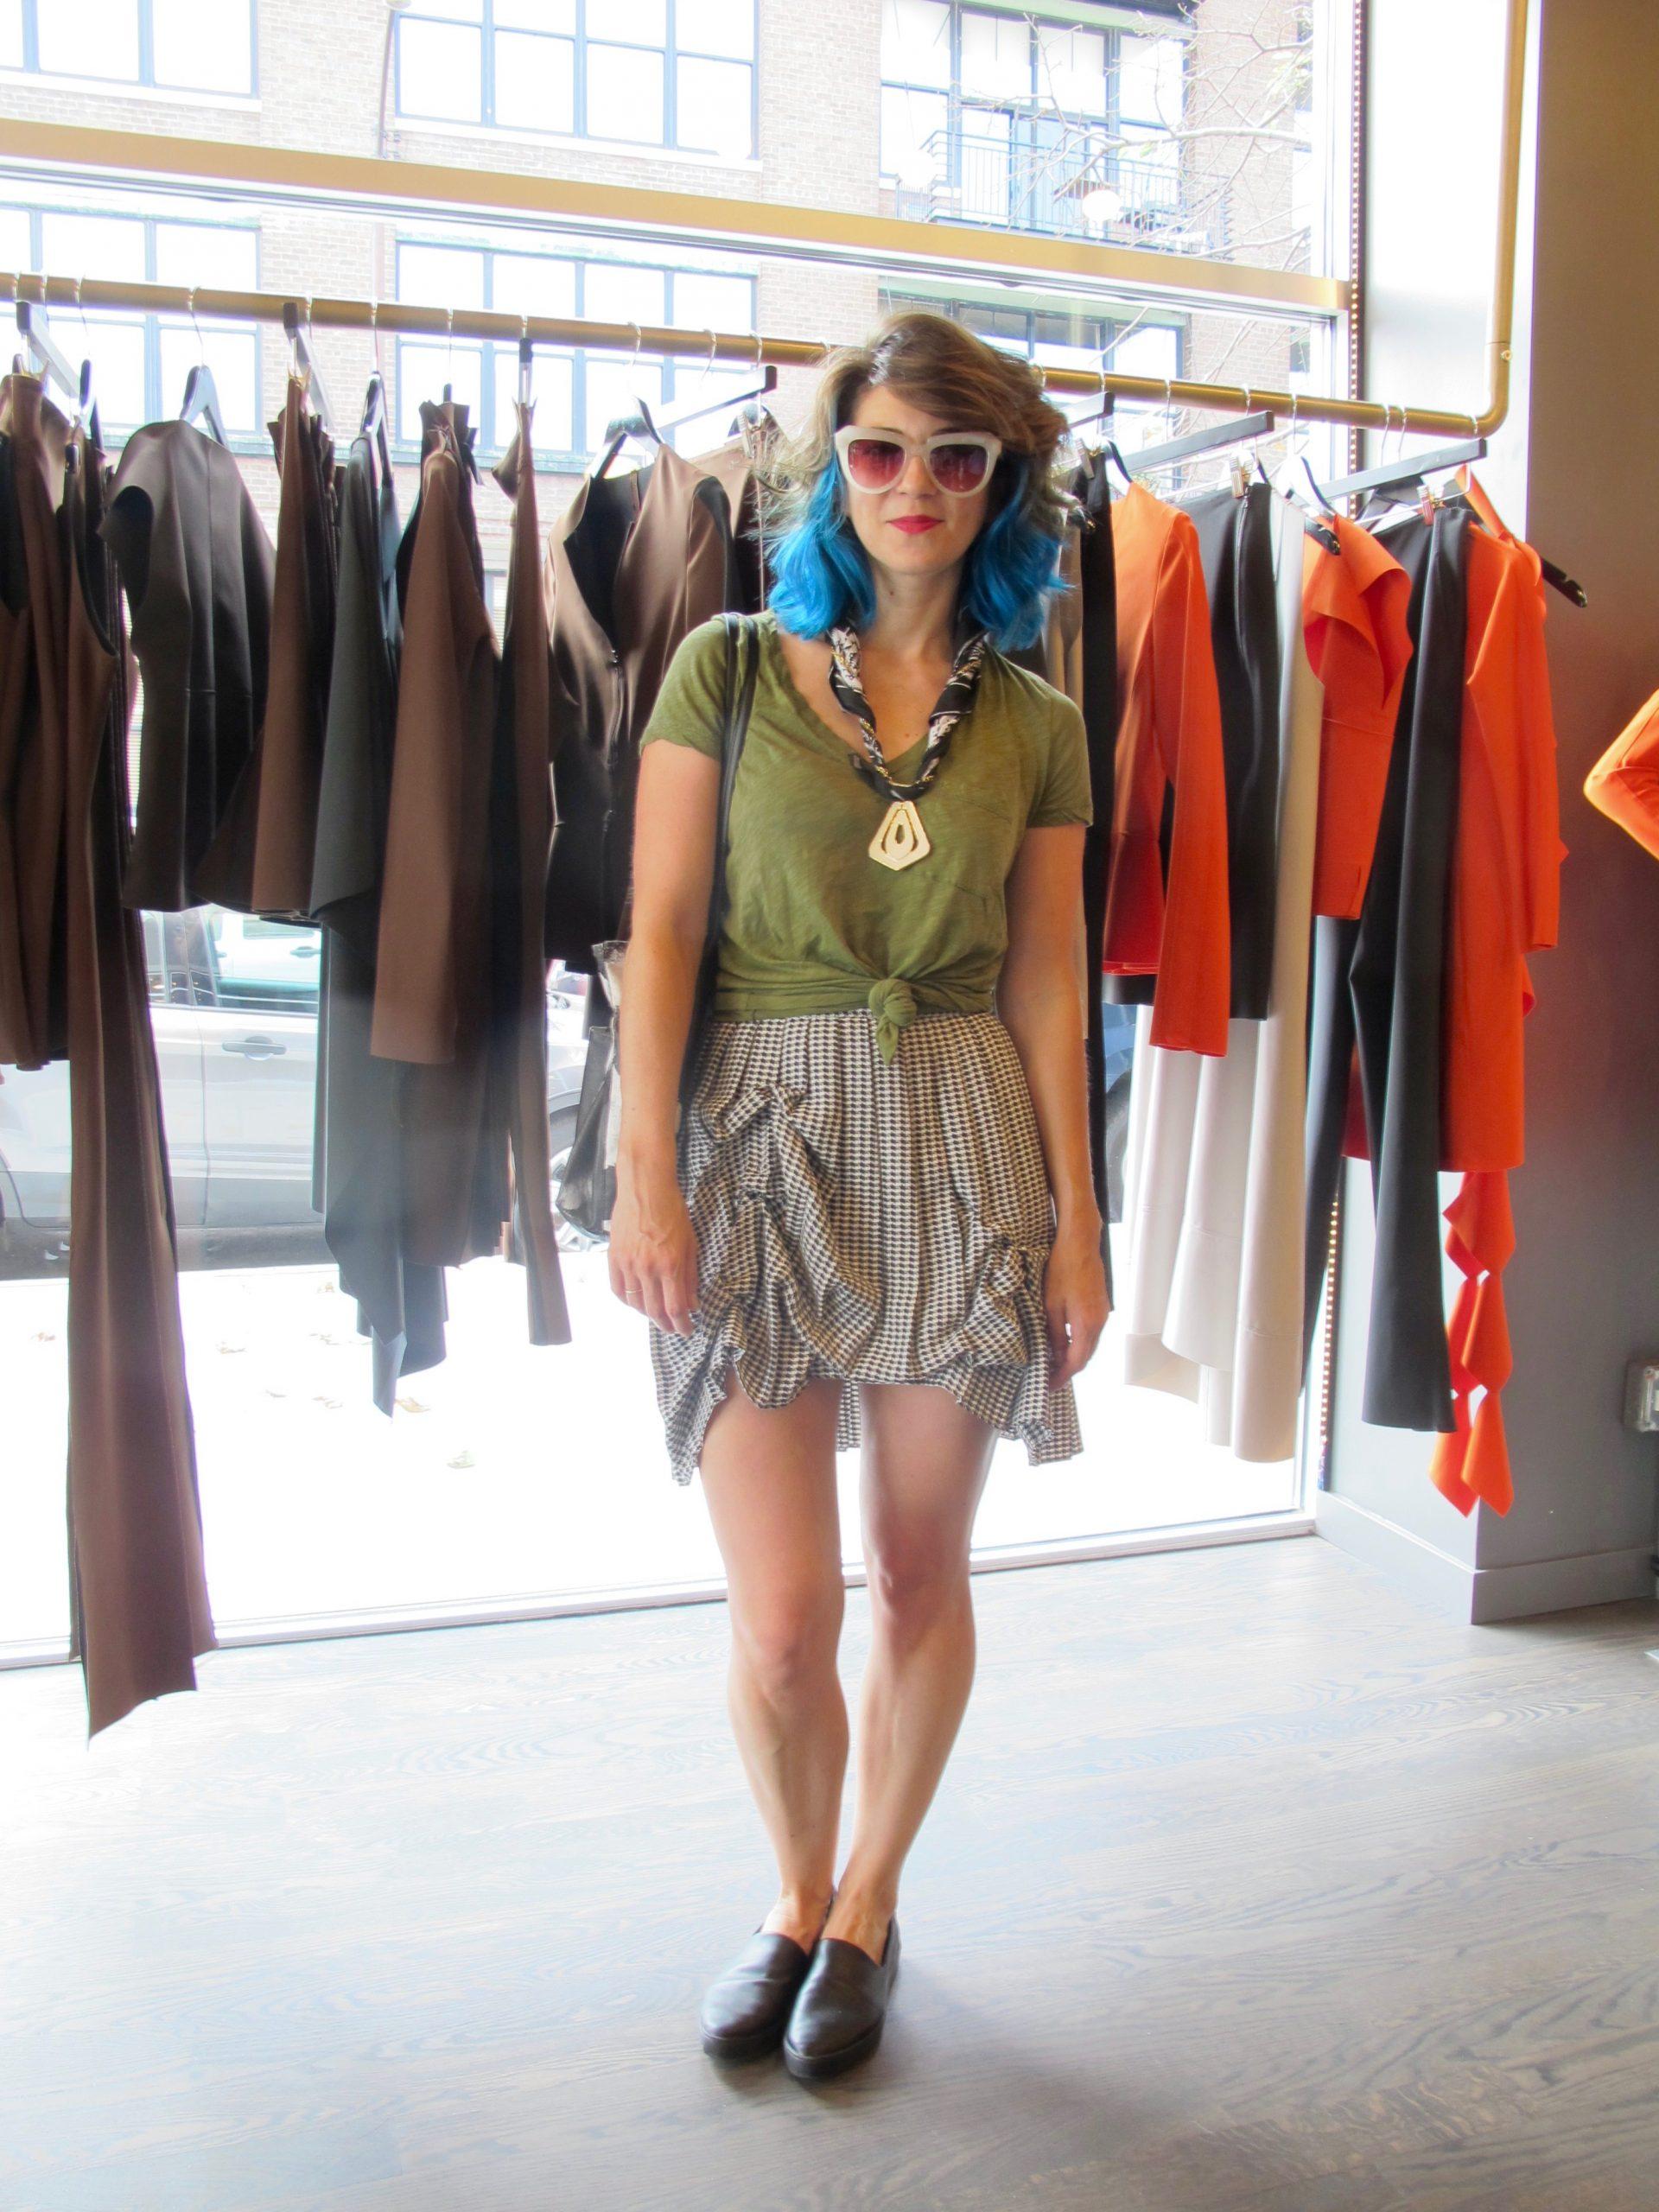 Wardrobe stylist Whitney Middleton